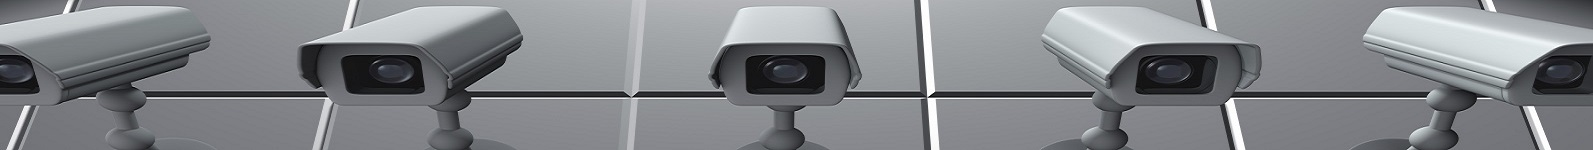 модернизация видеонаблюдения от компании ЗЕВС